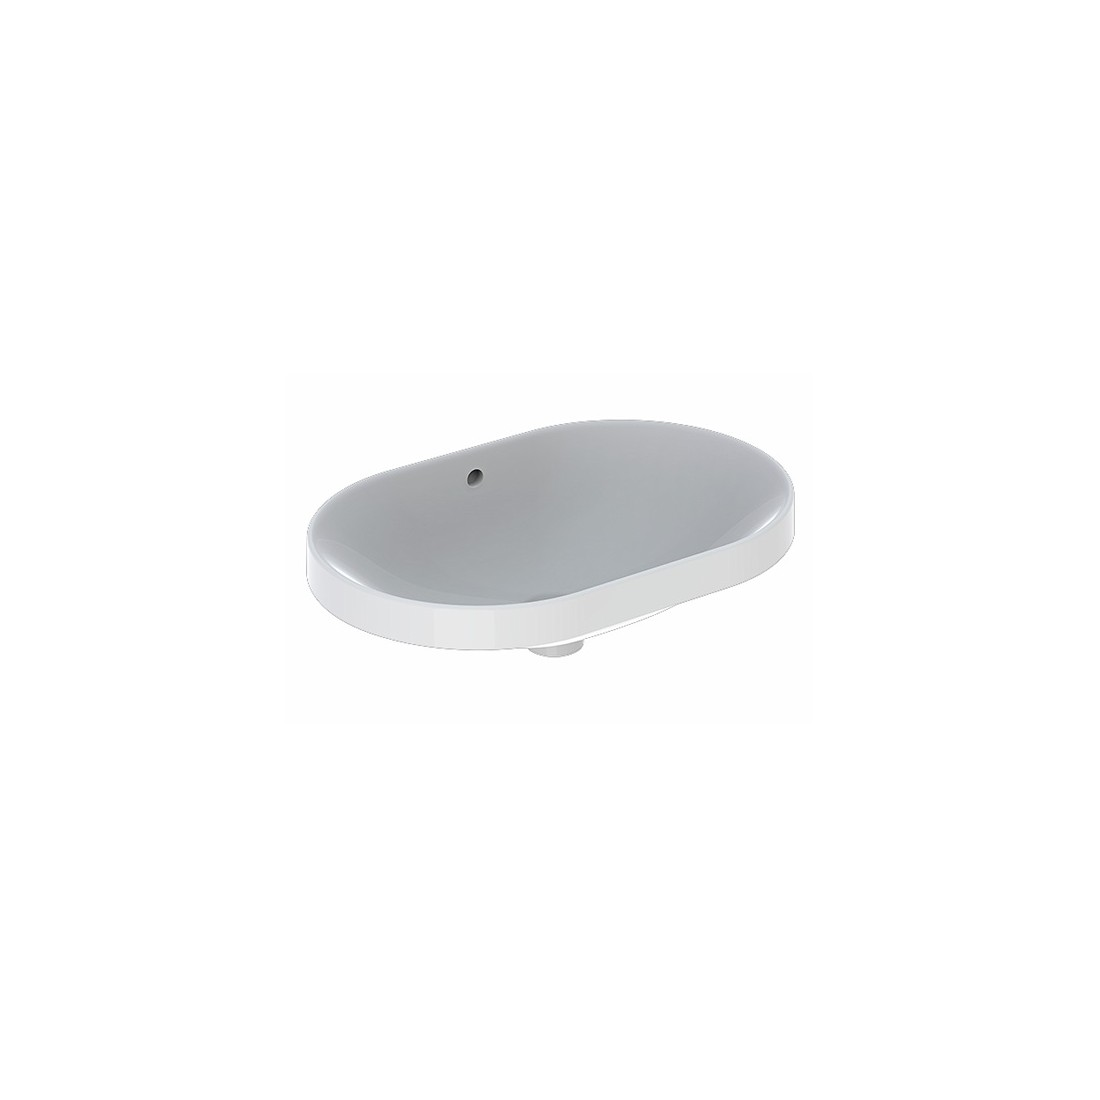 VariForm praustuvas įleidžiamas, baltas, elipsės formos, 60 cm